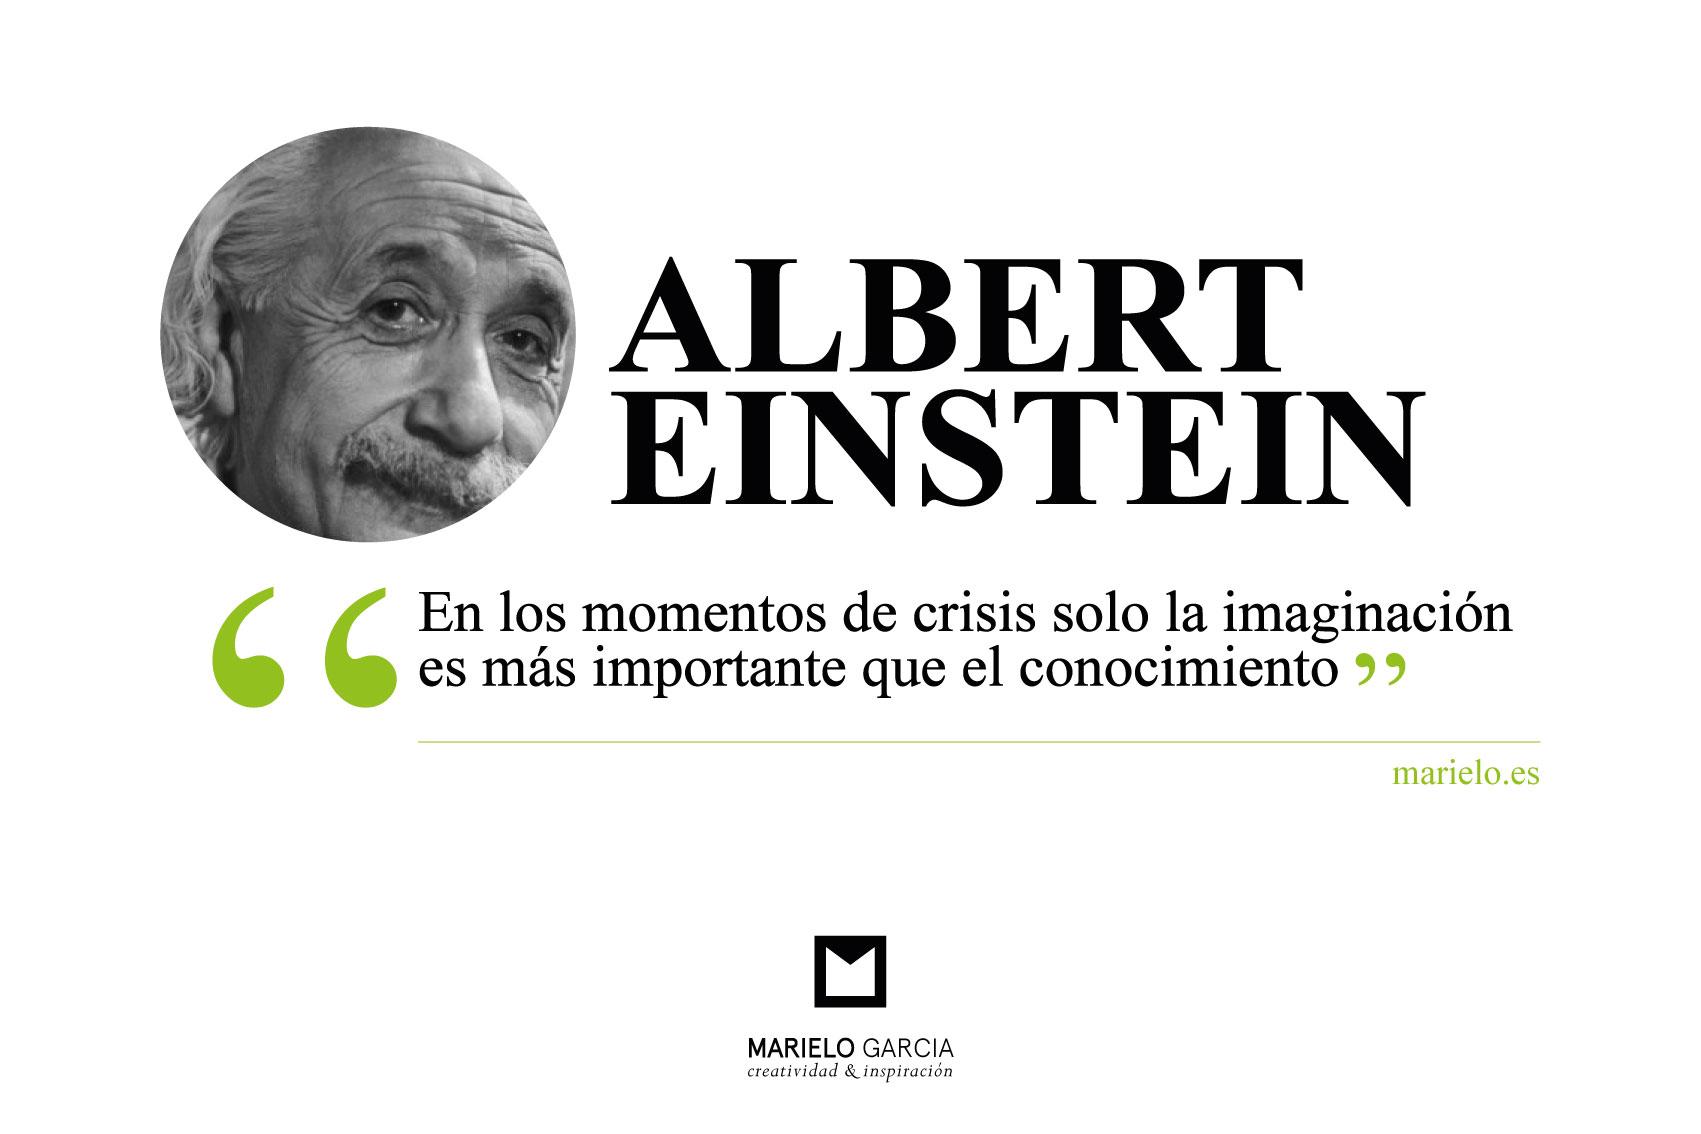 En Los Momentos De Crisis Solo La Imaginación Es Más Importante Que El Conocimiento Albert Einstein Blog De Creatividad De Marielo García